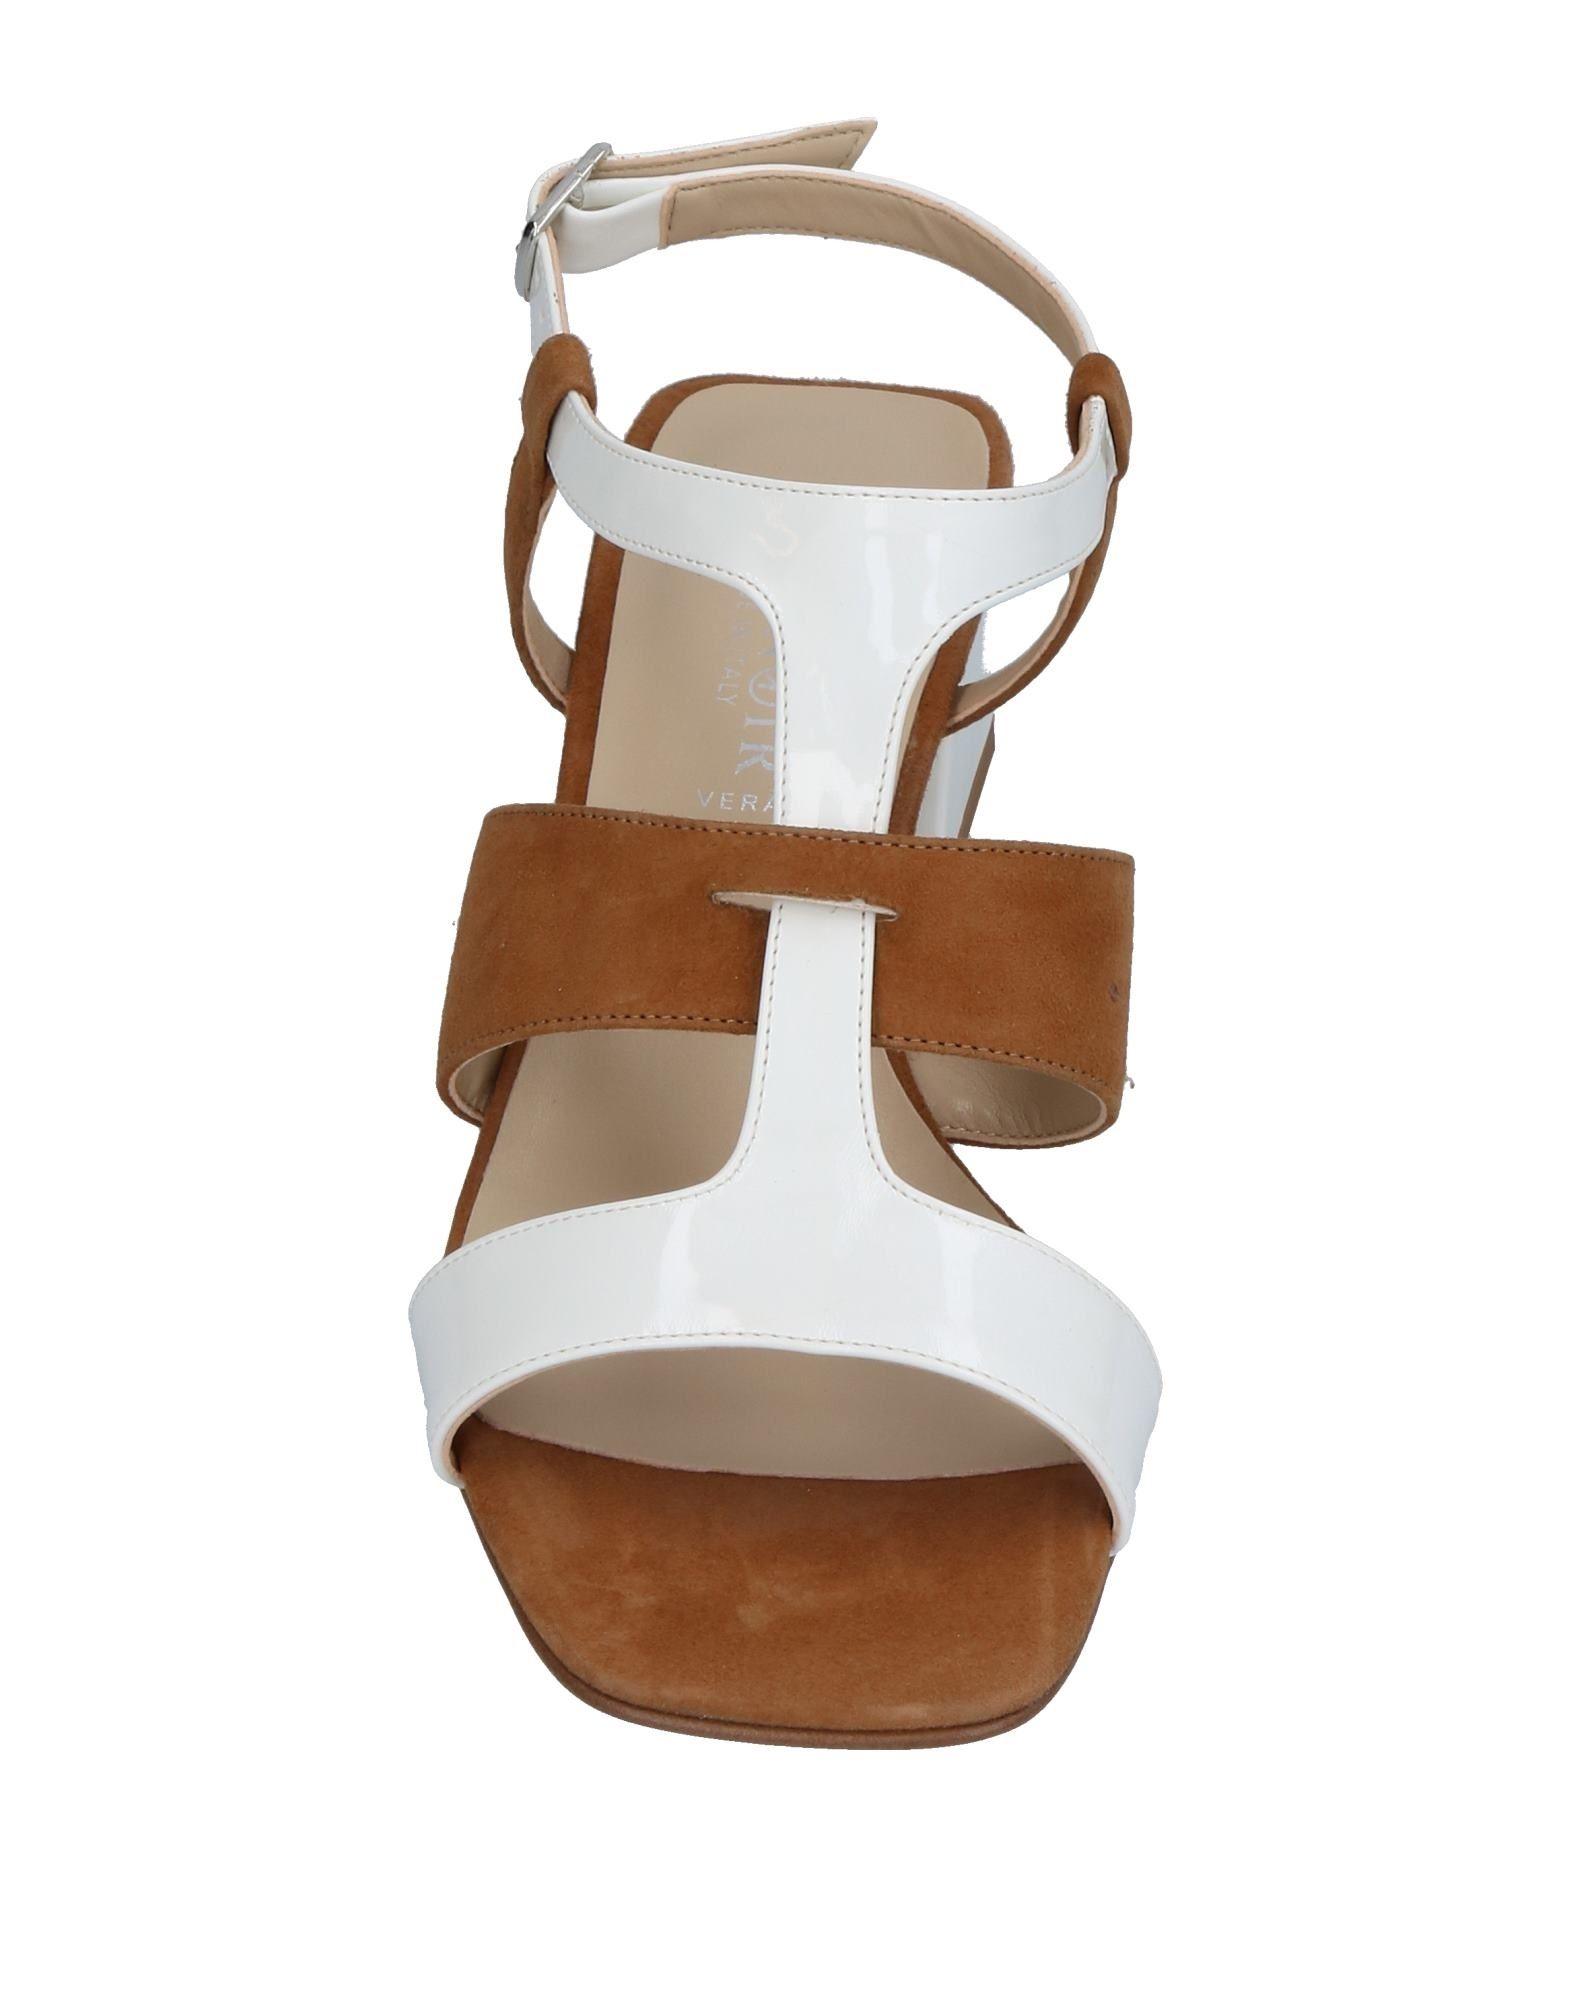 Cafènoir Sandalen Damen  11380665JB 11380665JB  Gute Qualität beliebte Schuhe dfe1ac